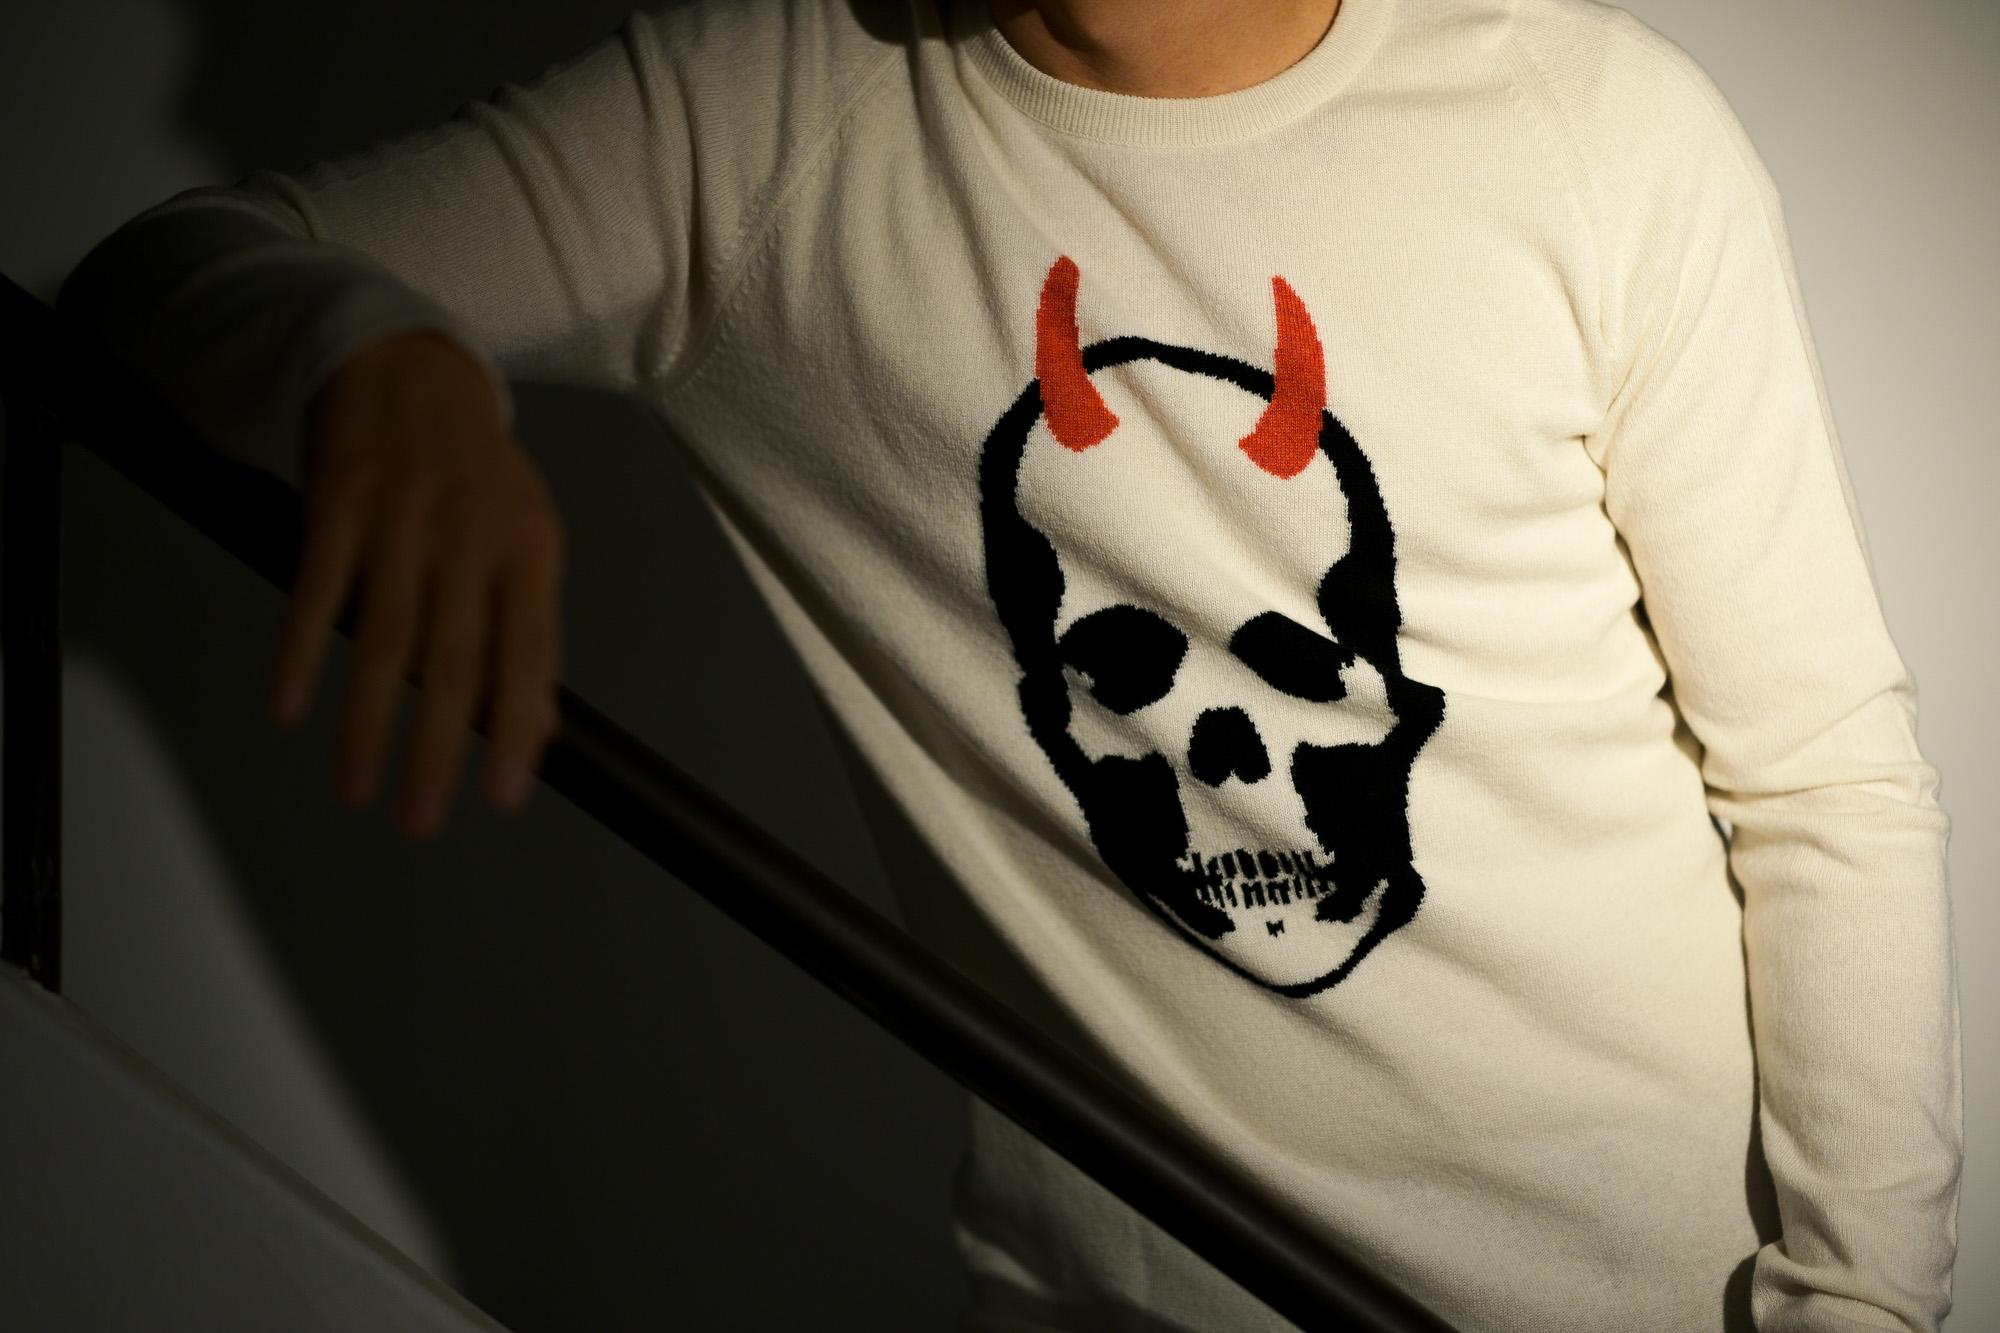 lucien pellat-finet(ルシアン ペラフィネ) Horn Skull Cashmere Sweater (ホーン スカル カシミア セーター) インターシャ カシミア スカル セーター NIVEOUS × BLACK (ホワイト × ブラック) made in scotland (スコットランド製) 2020 春夏新作 愛知 名古屋 altoediritto アルトエデリット